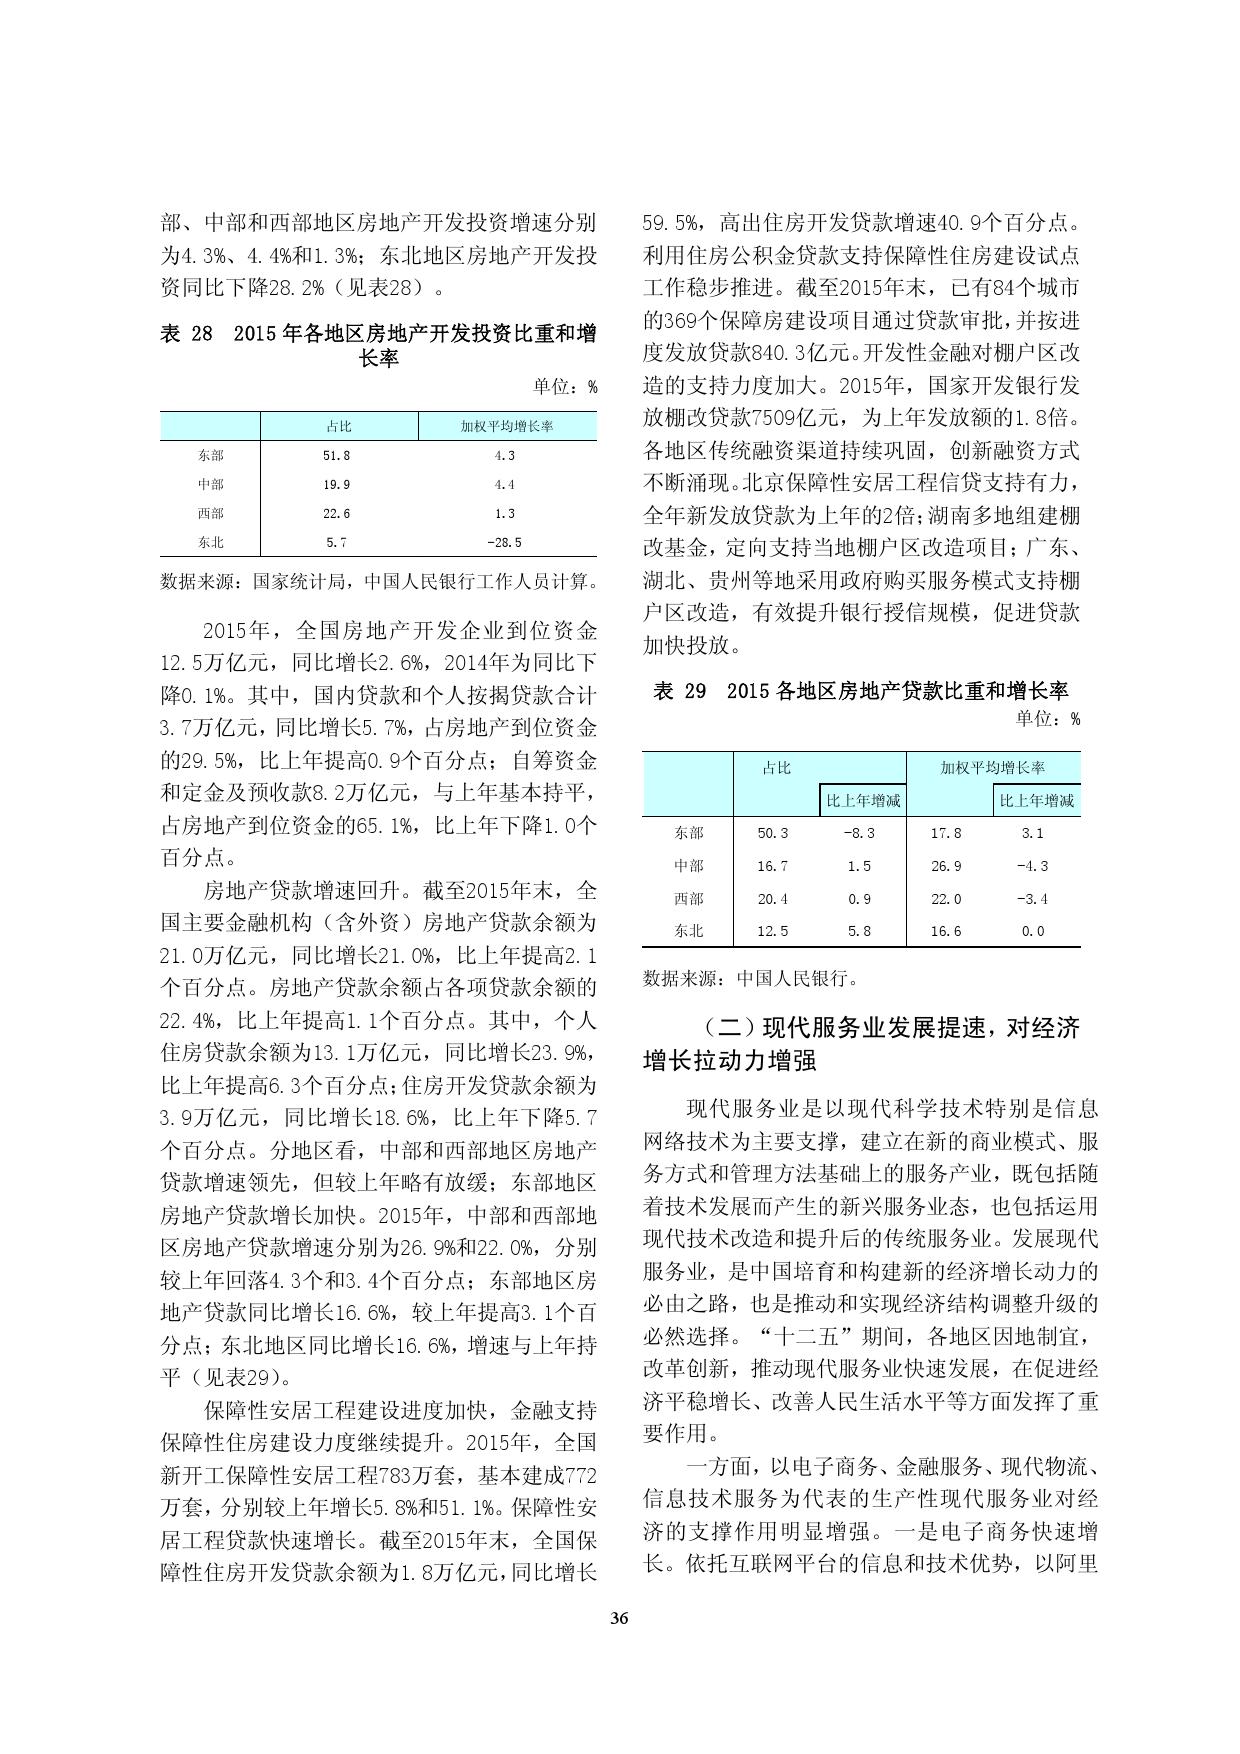 2015年中国区域金融运行报告_000039